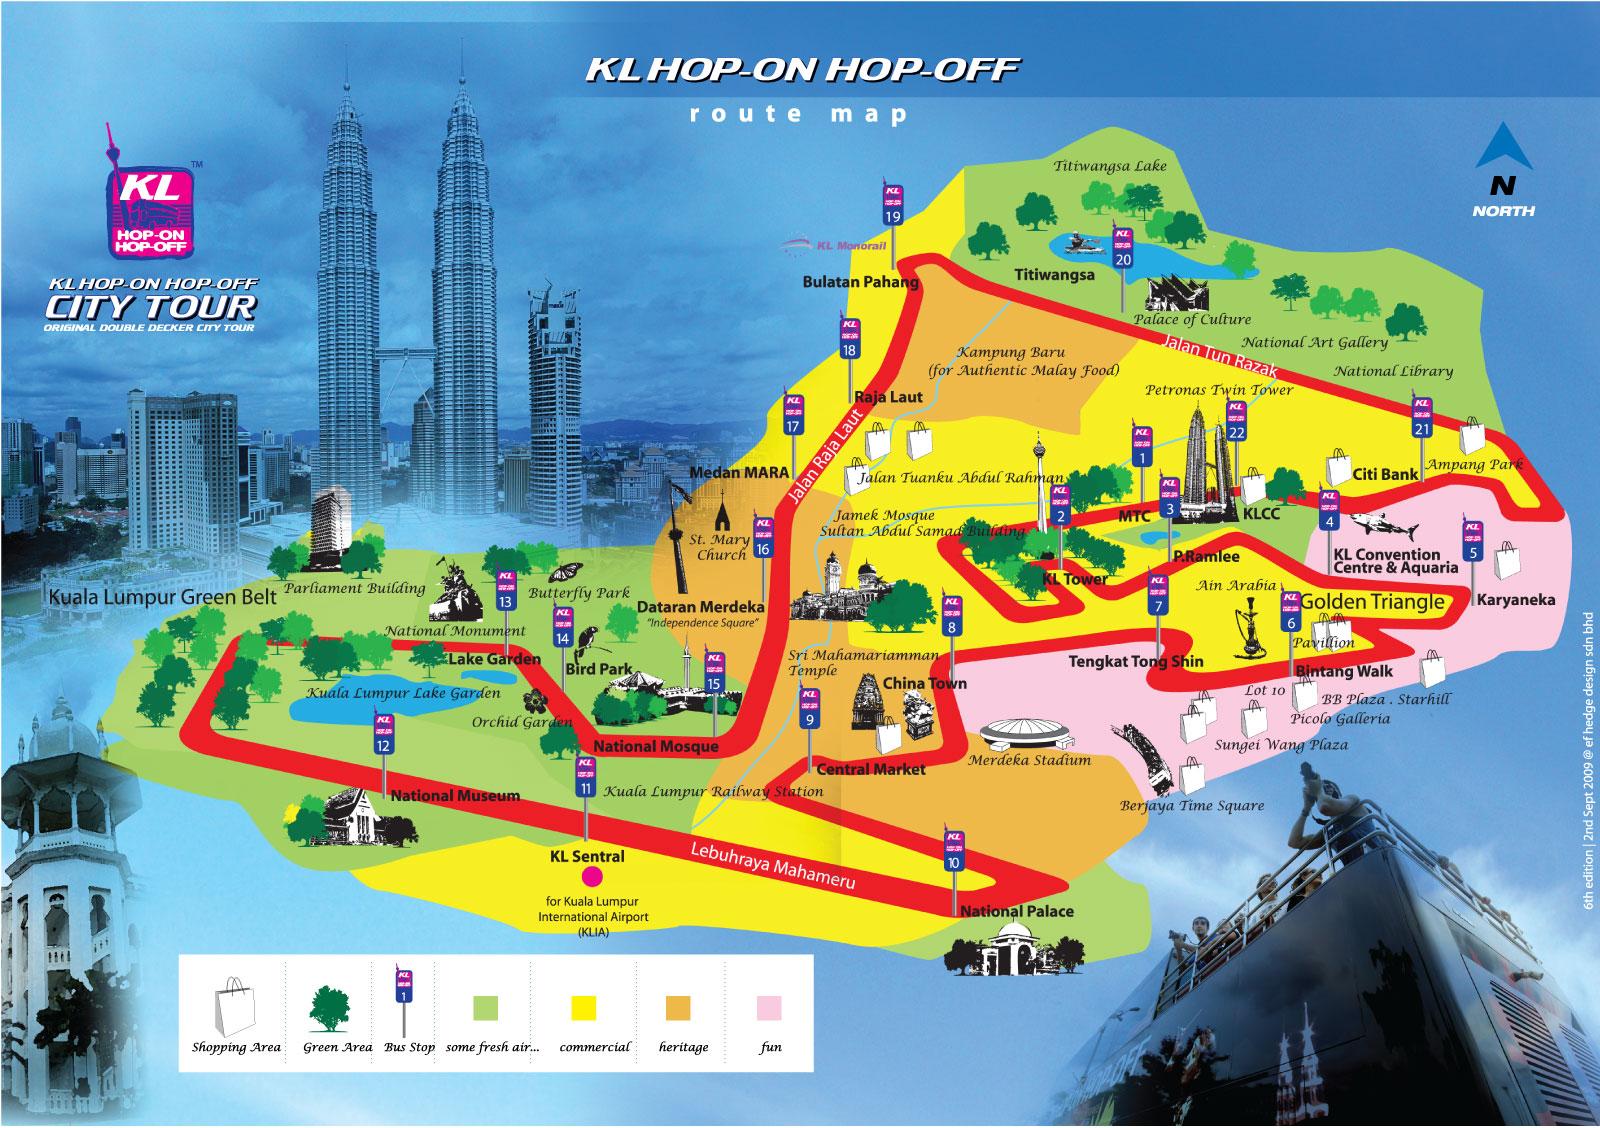 Wisata Kuala Lumpur on